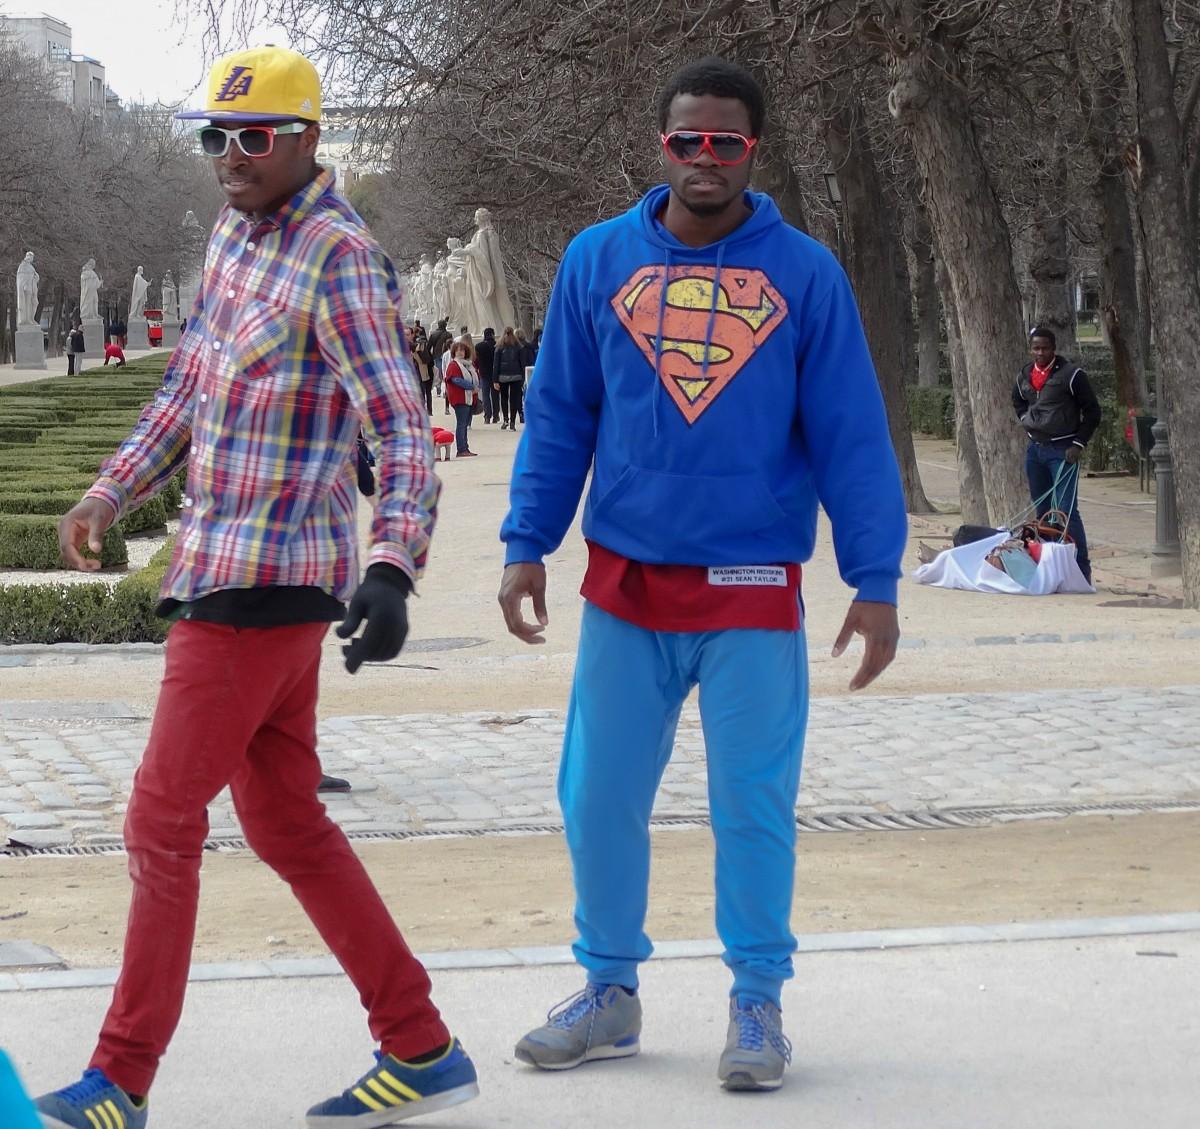 free images dance battle sports mc hip hop rurap 4928x3264